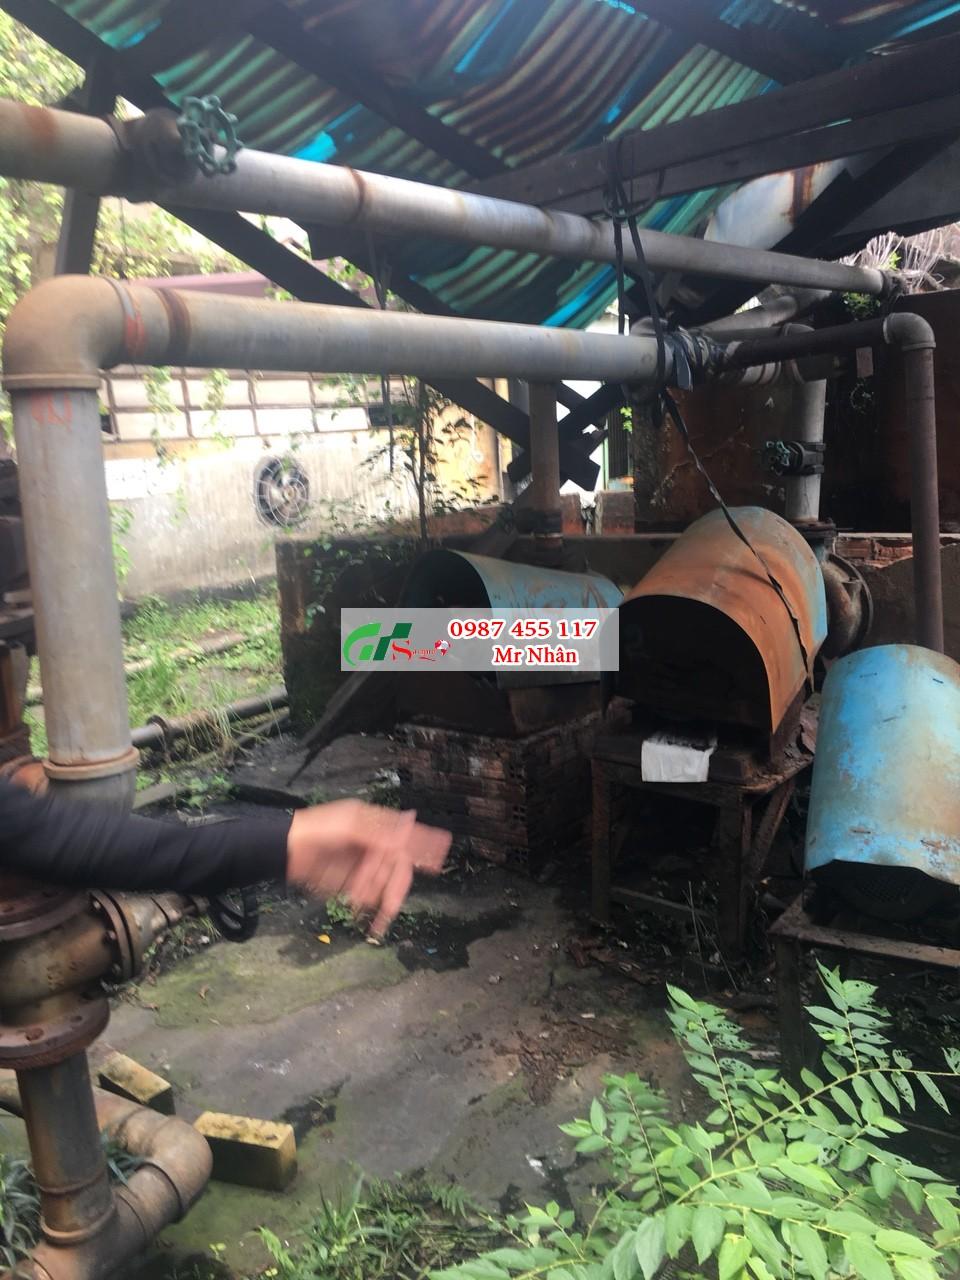 Thanh lý xưởng cơ khí giá tốt tại tphcm - 0987.455.117